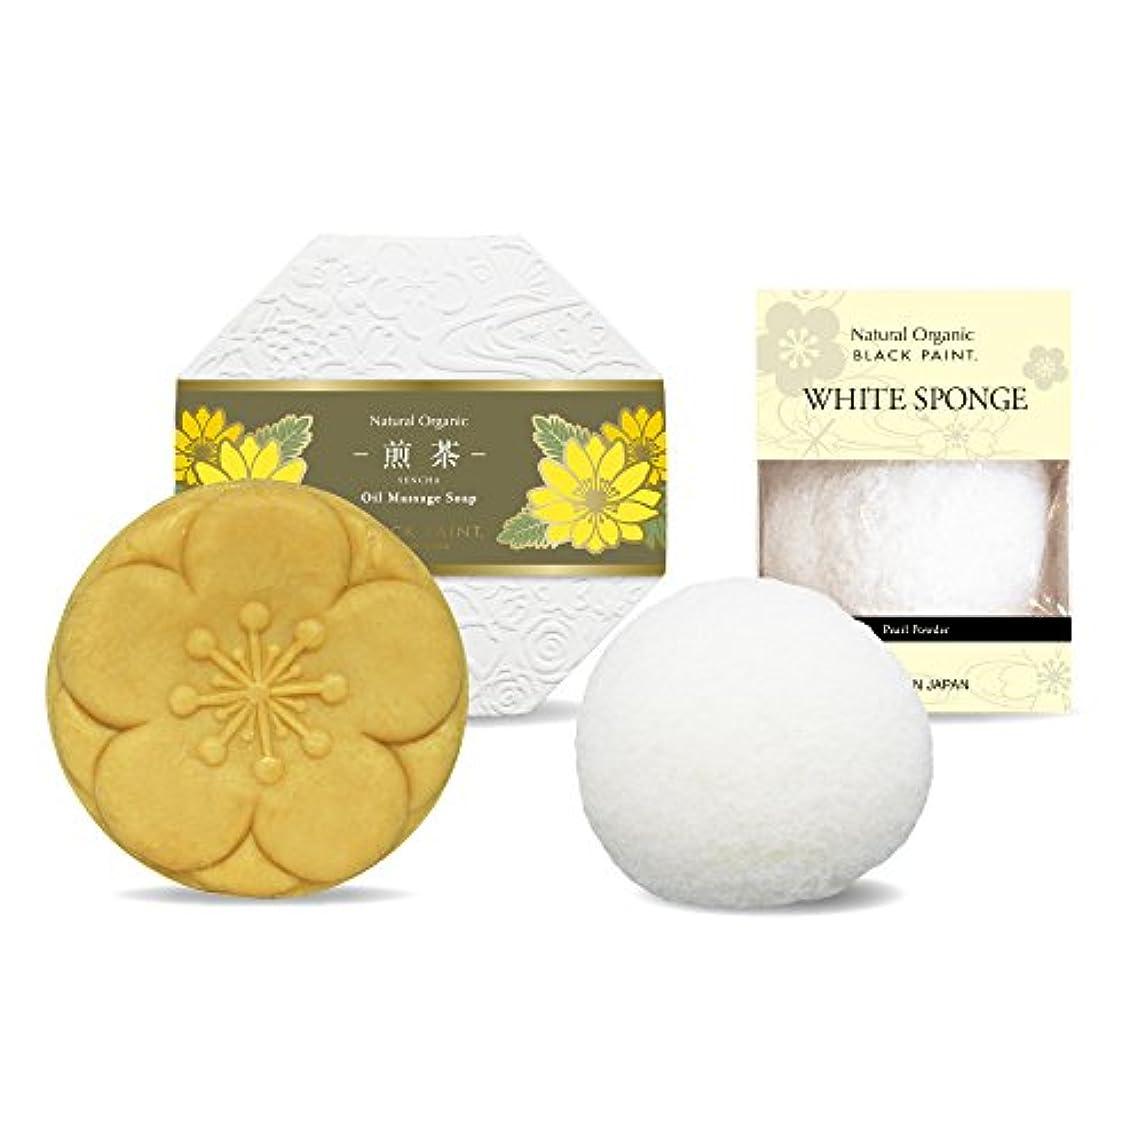 迷彩キャンセル左京のお茶石鹸 煎茶120g&ホワイトスポンジ 洗顔セット